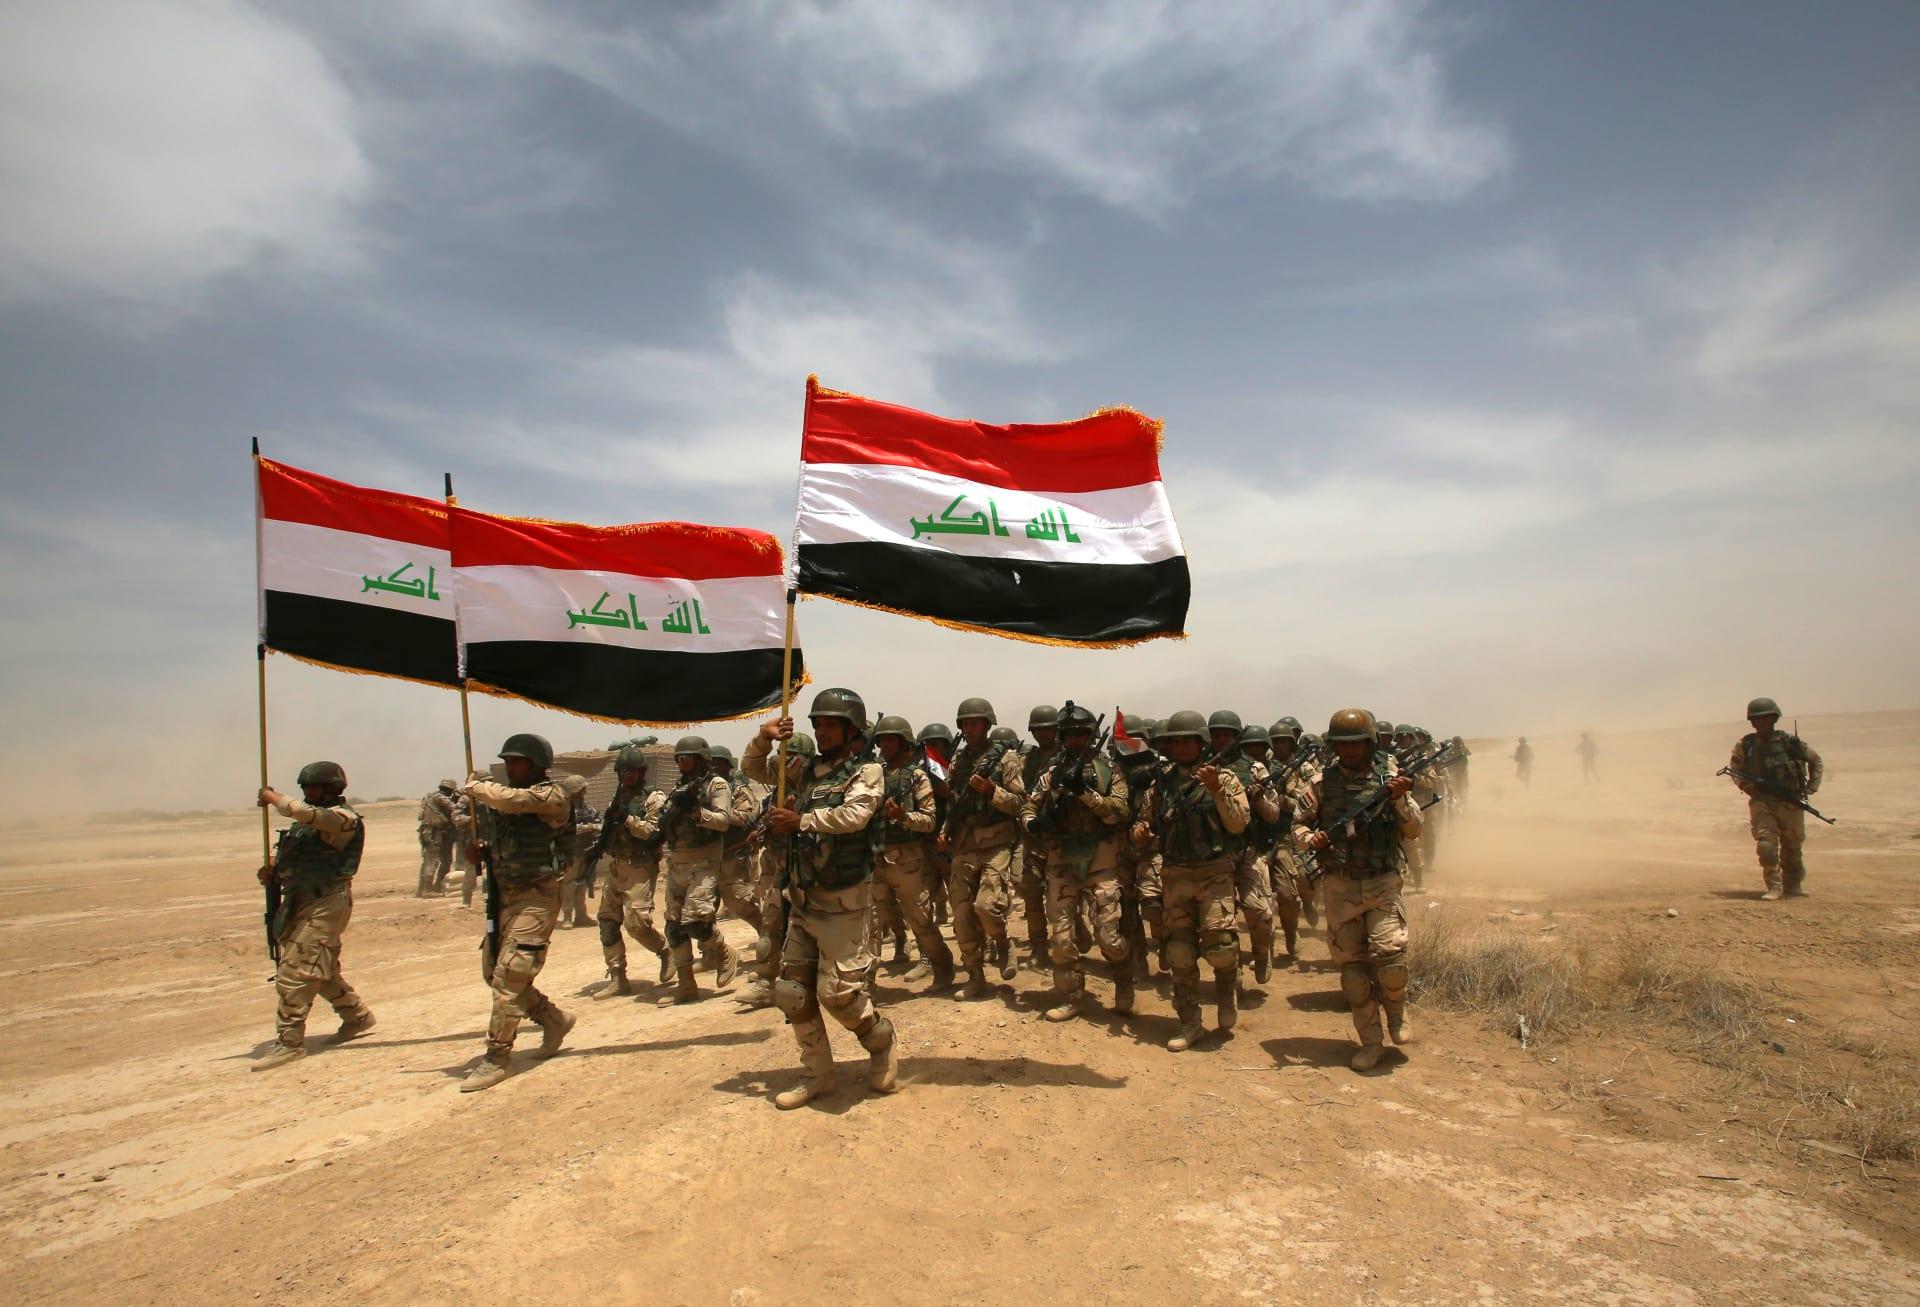 الإمارات ومصر توجهان رسالتان للعراق بعد القصف التركي.. وبغداد تستدعي سفير أنقرة